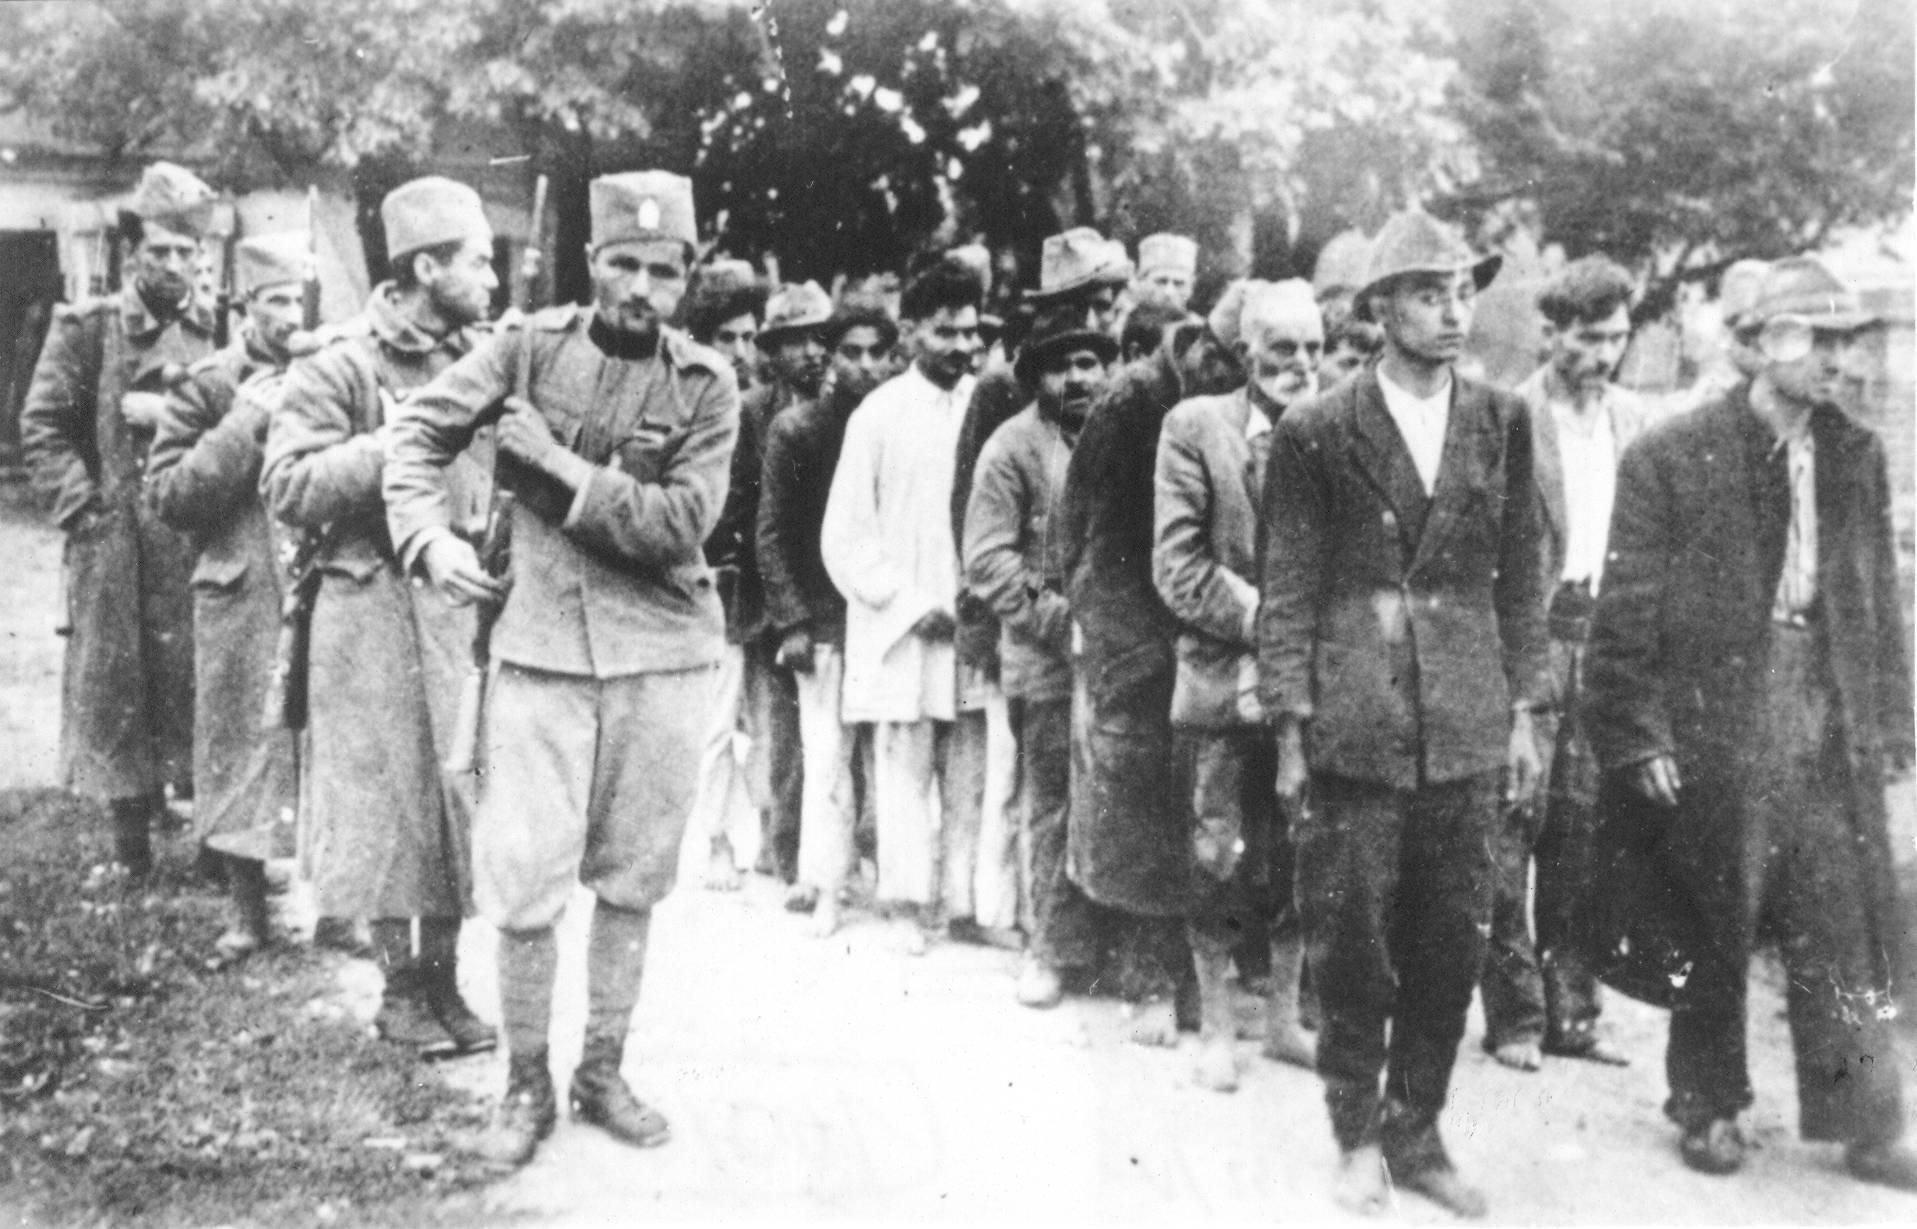 https://upload.wikimedia.org/wikipedia/sh/7/72/Cetnici_sprovode_narod_na_streljanje.jpg